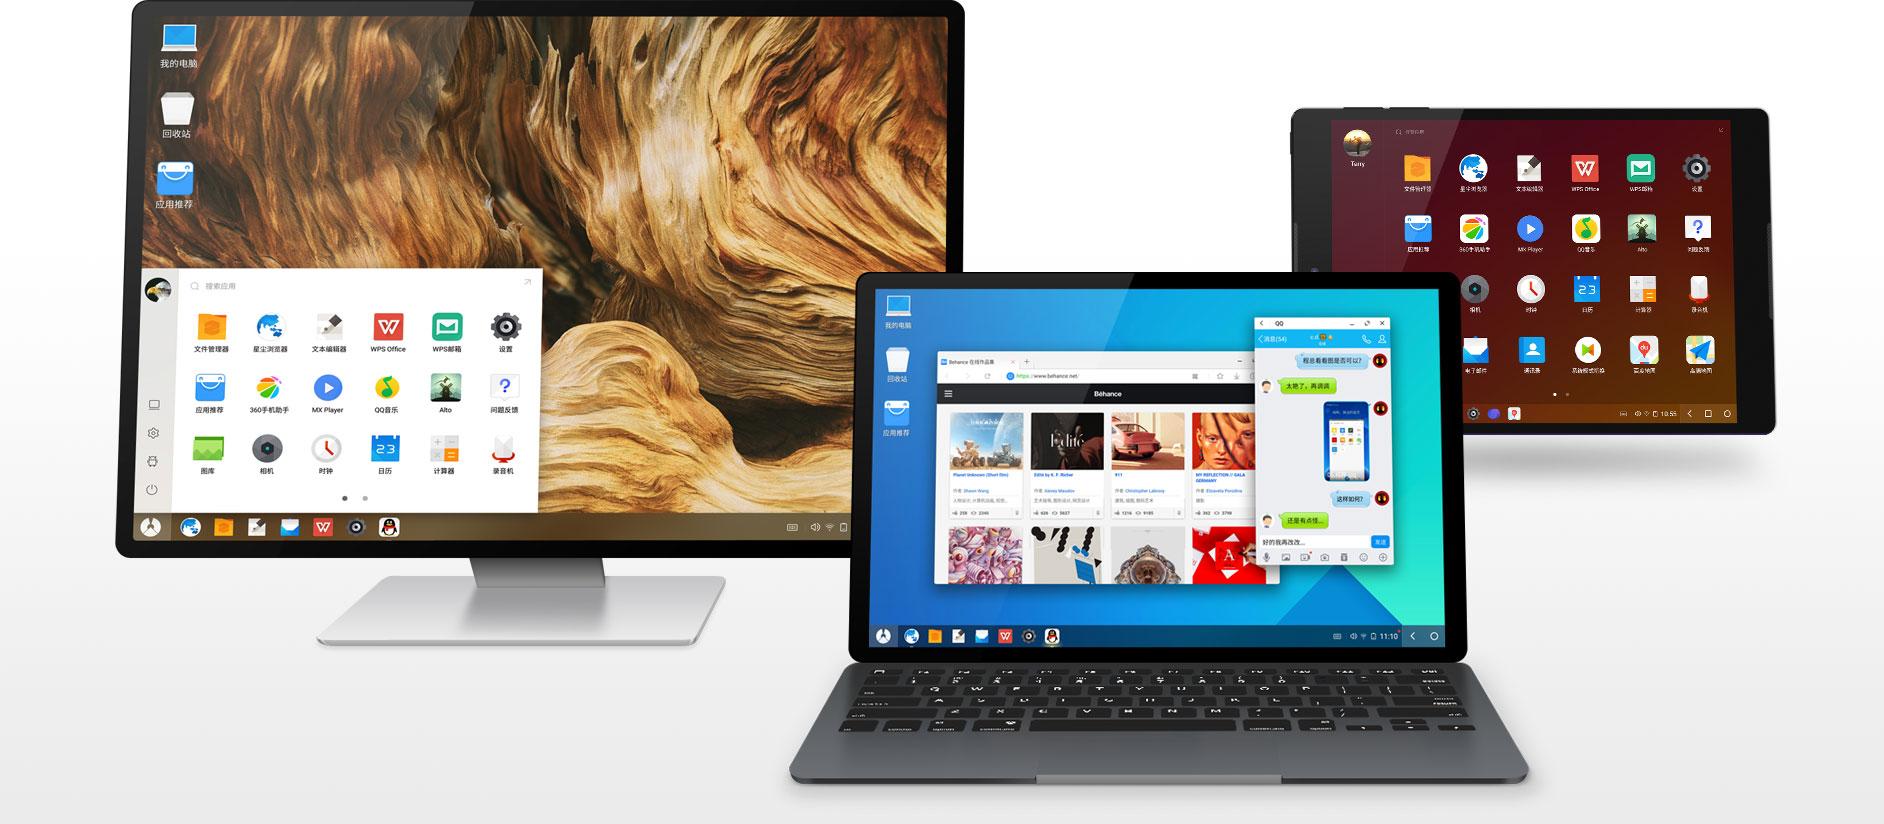 凤凰系统 v2.2.0 把你的电脑装上安卓系统第3张-菜鸟分享